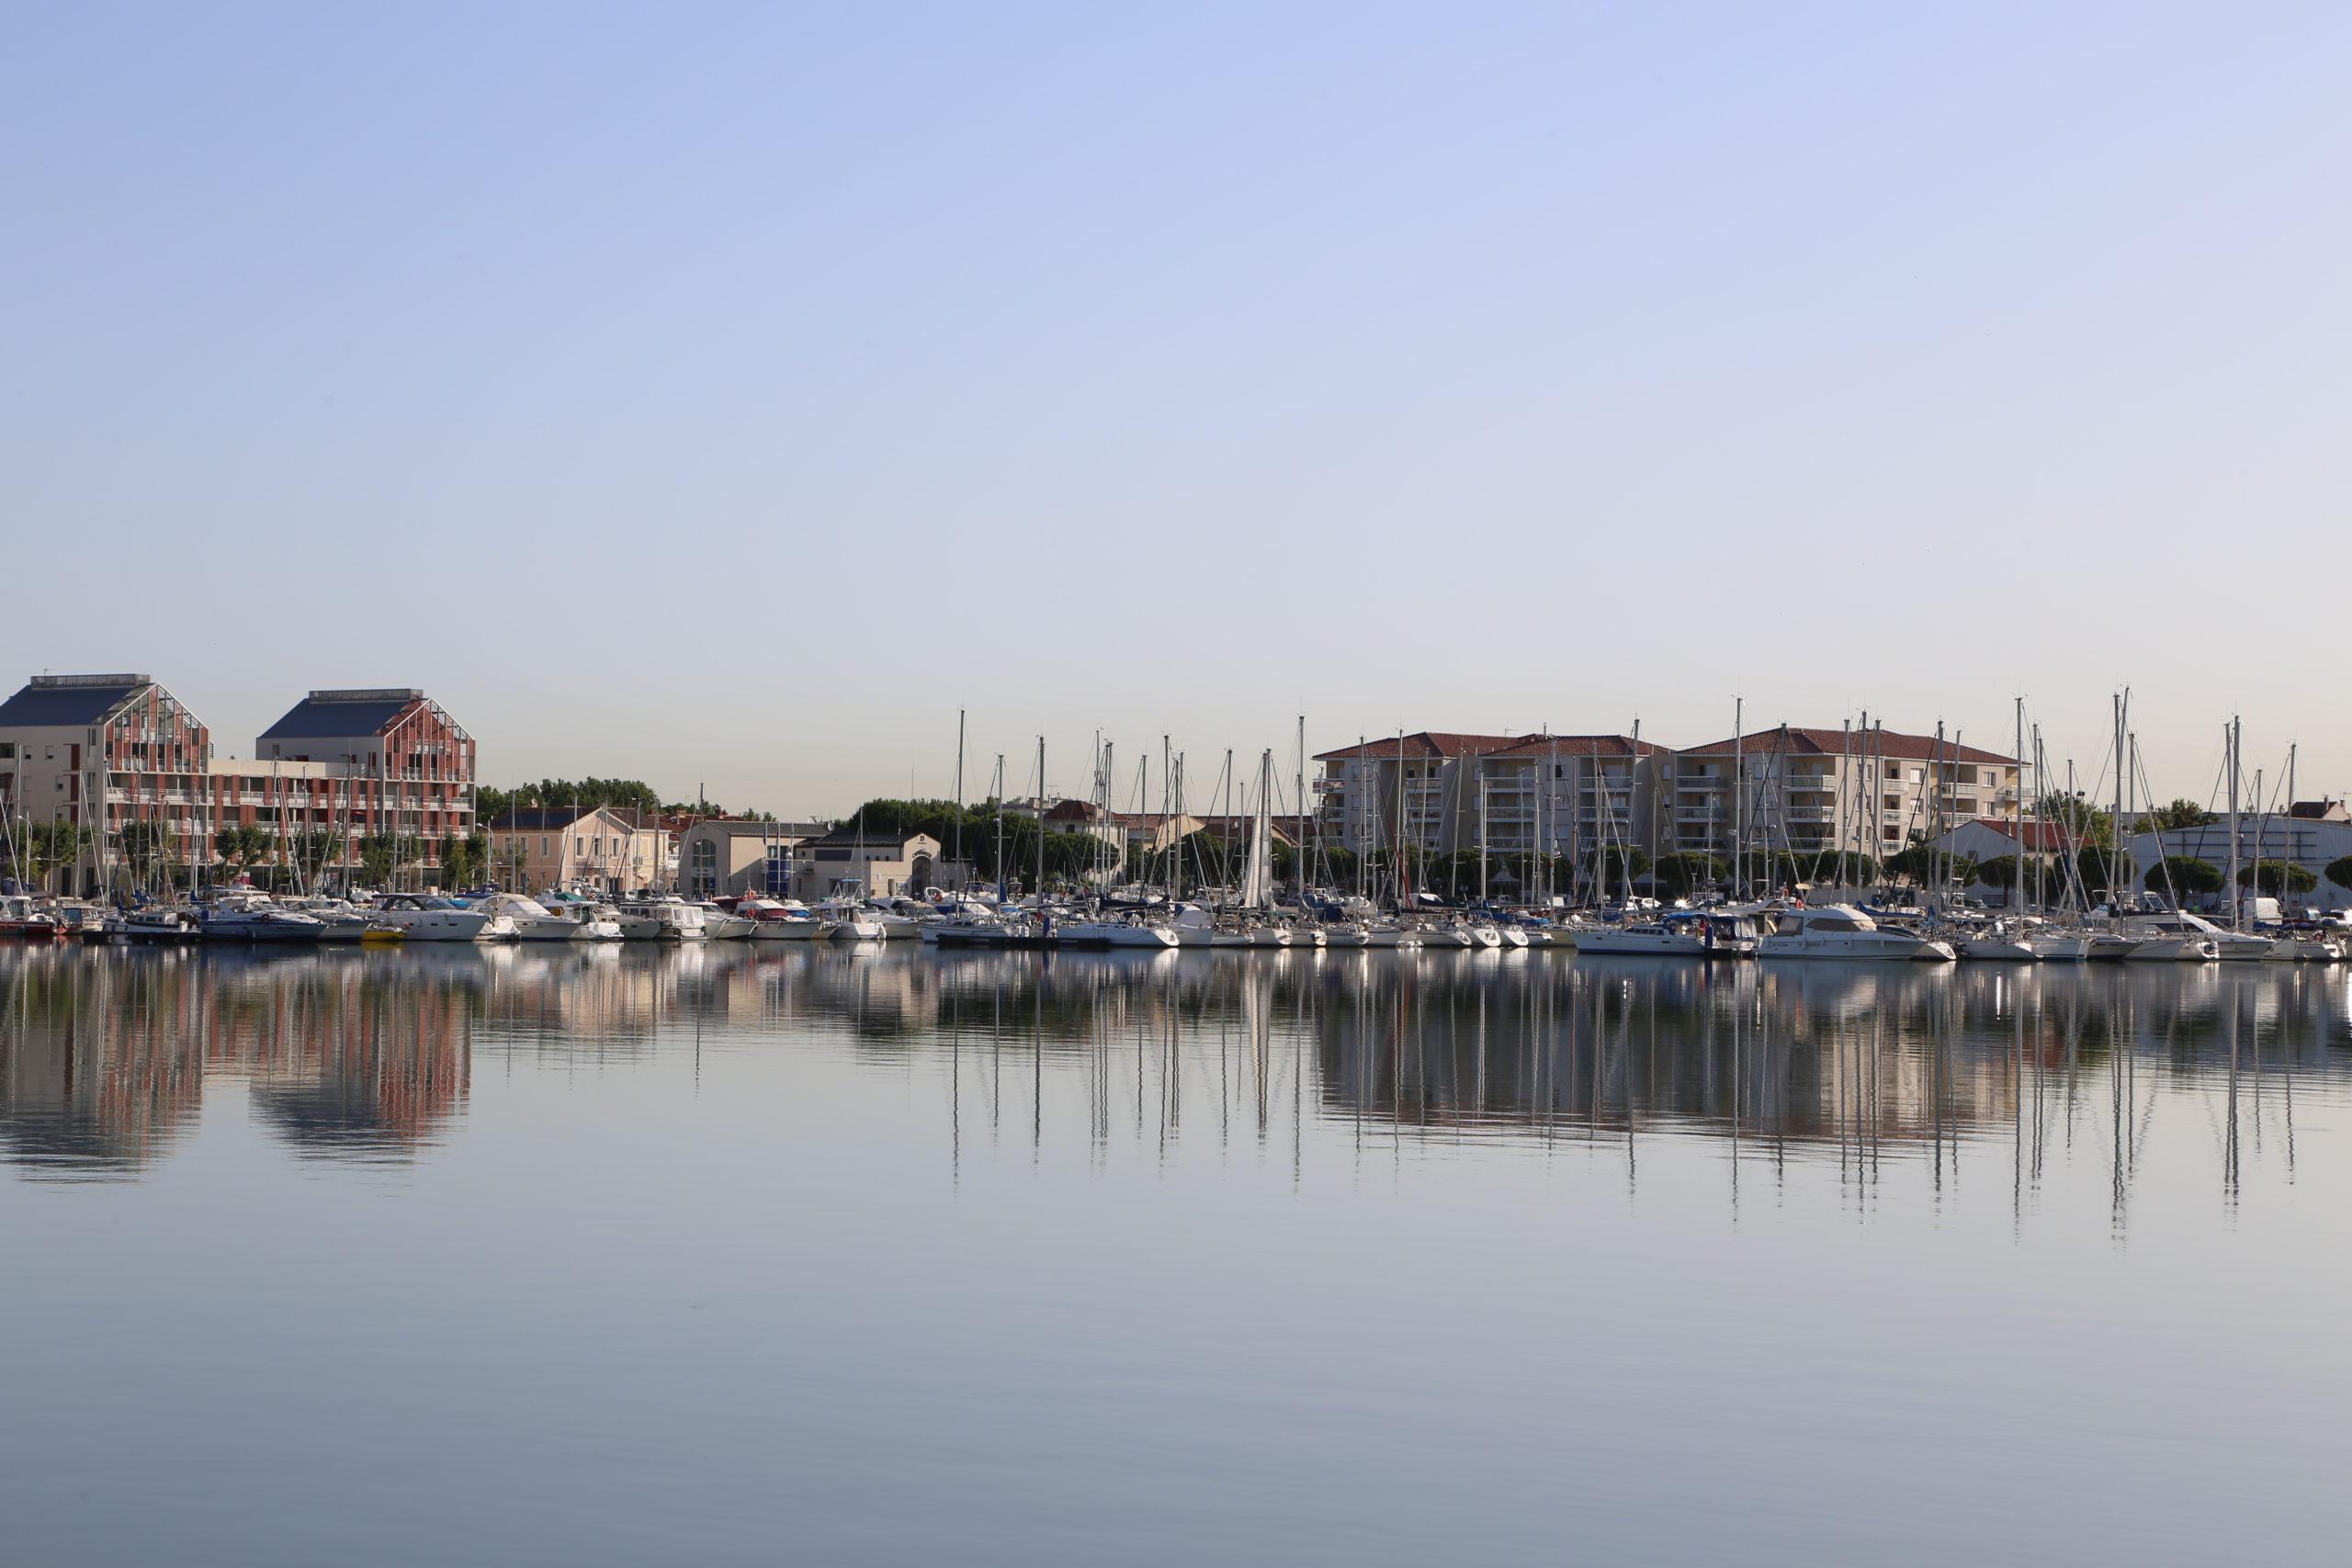 COVID-19 : Message du port de plaisance